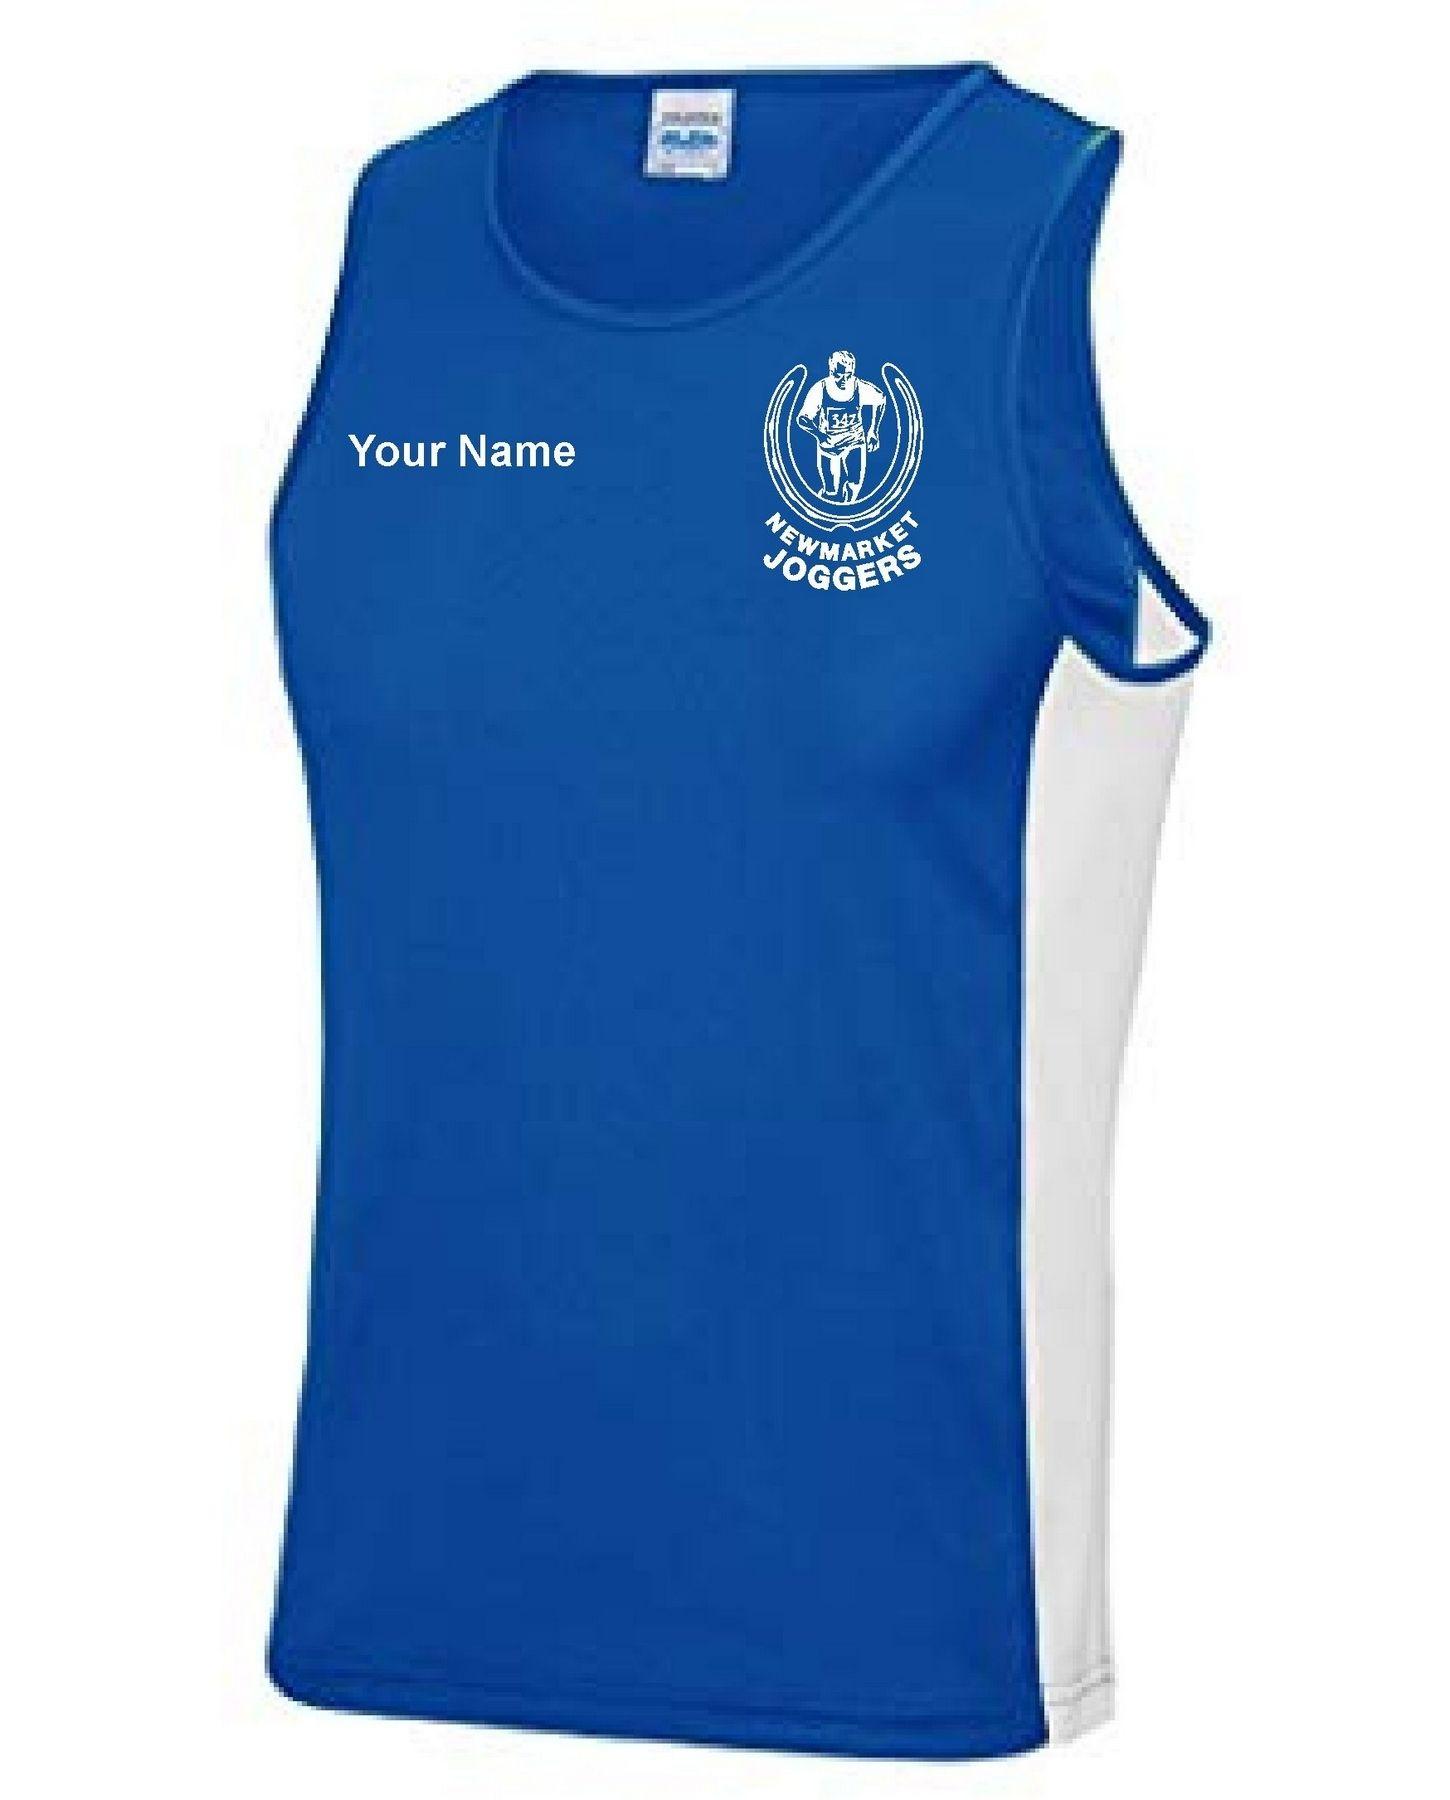 Newmarket Joggers – Contrast Performance Vest (Unisex)